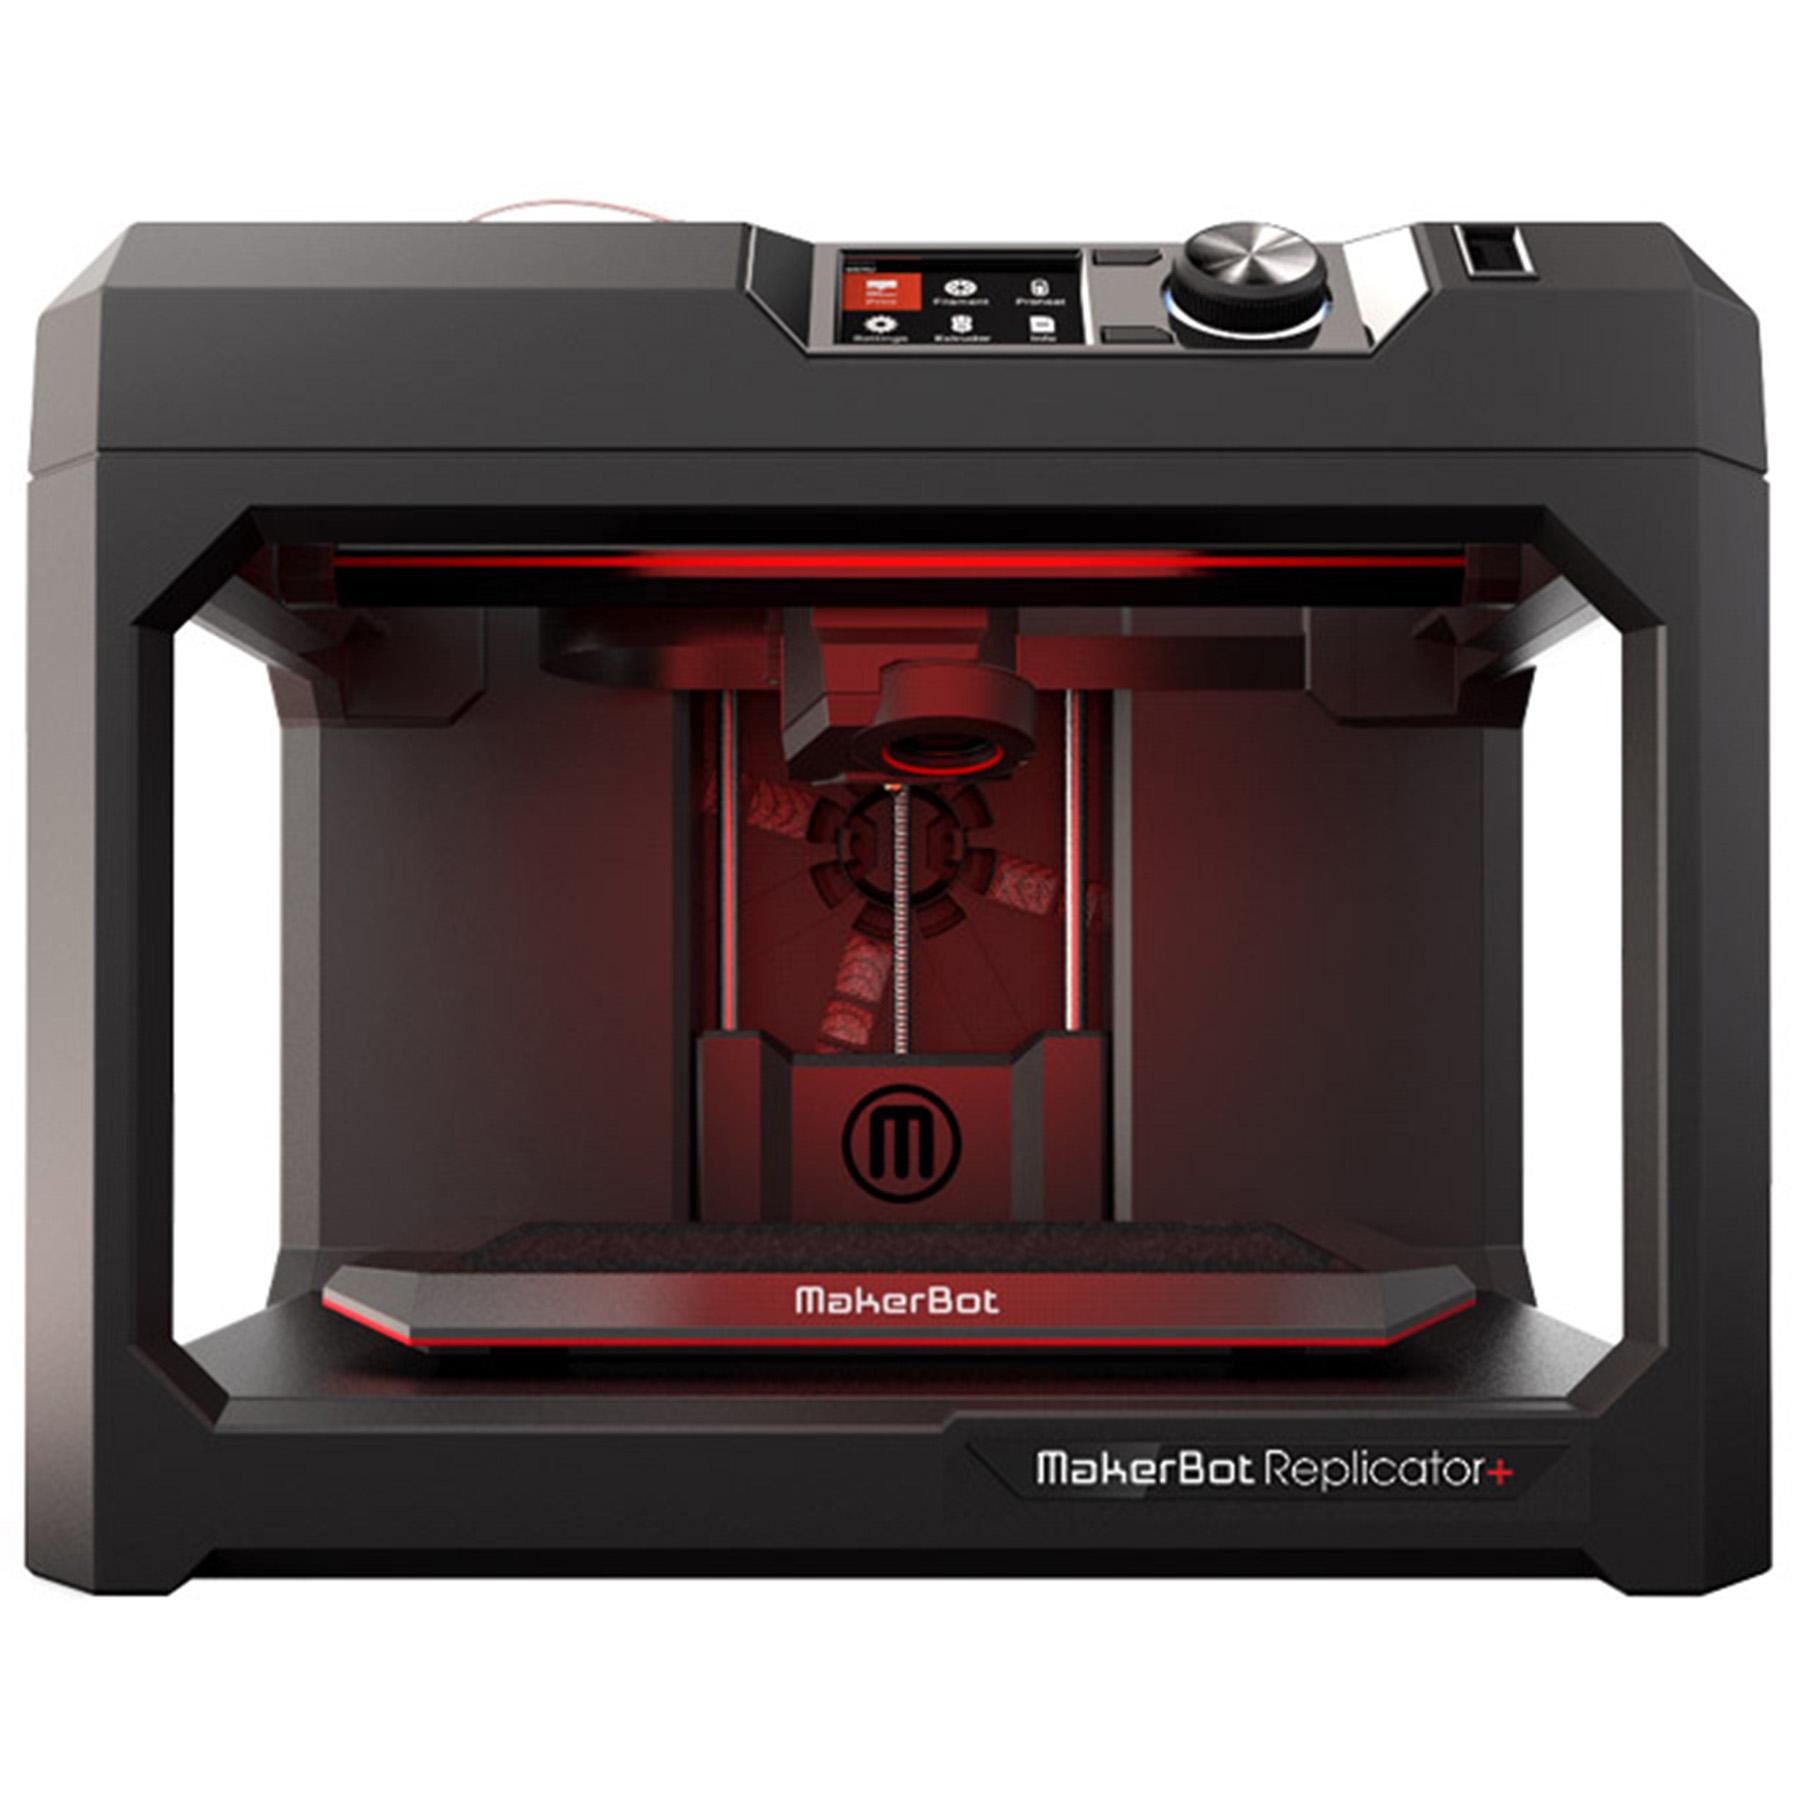 makerbot replicator 5th generation manual